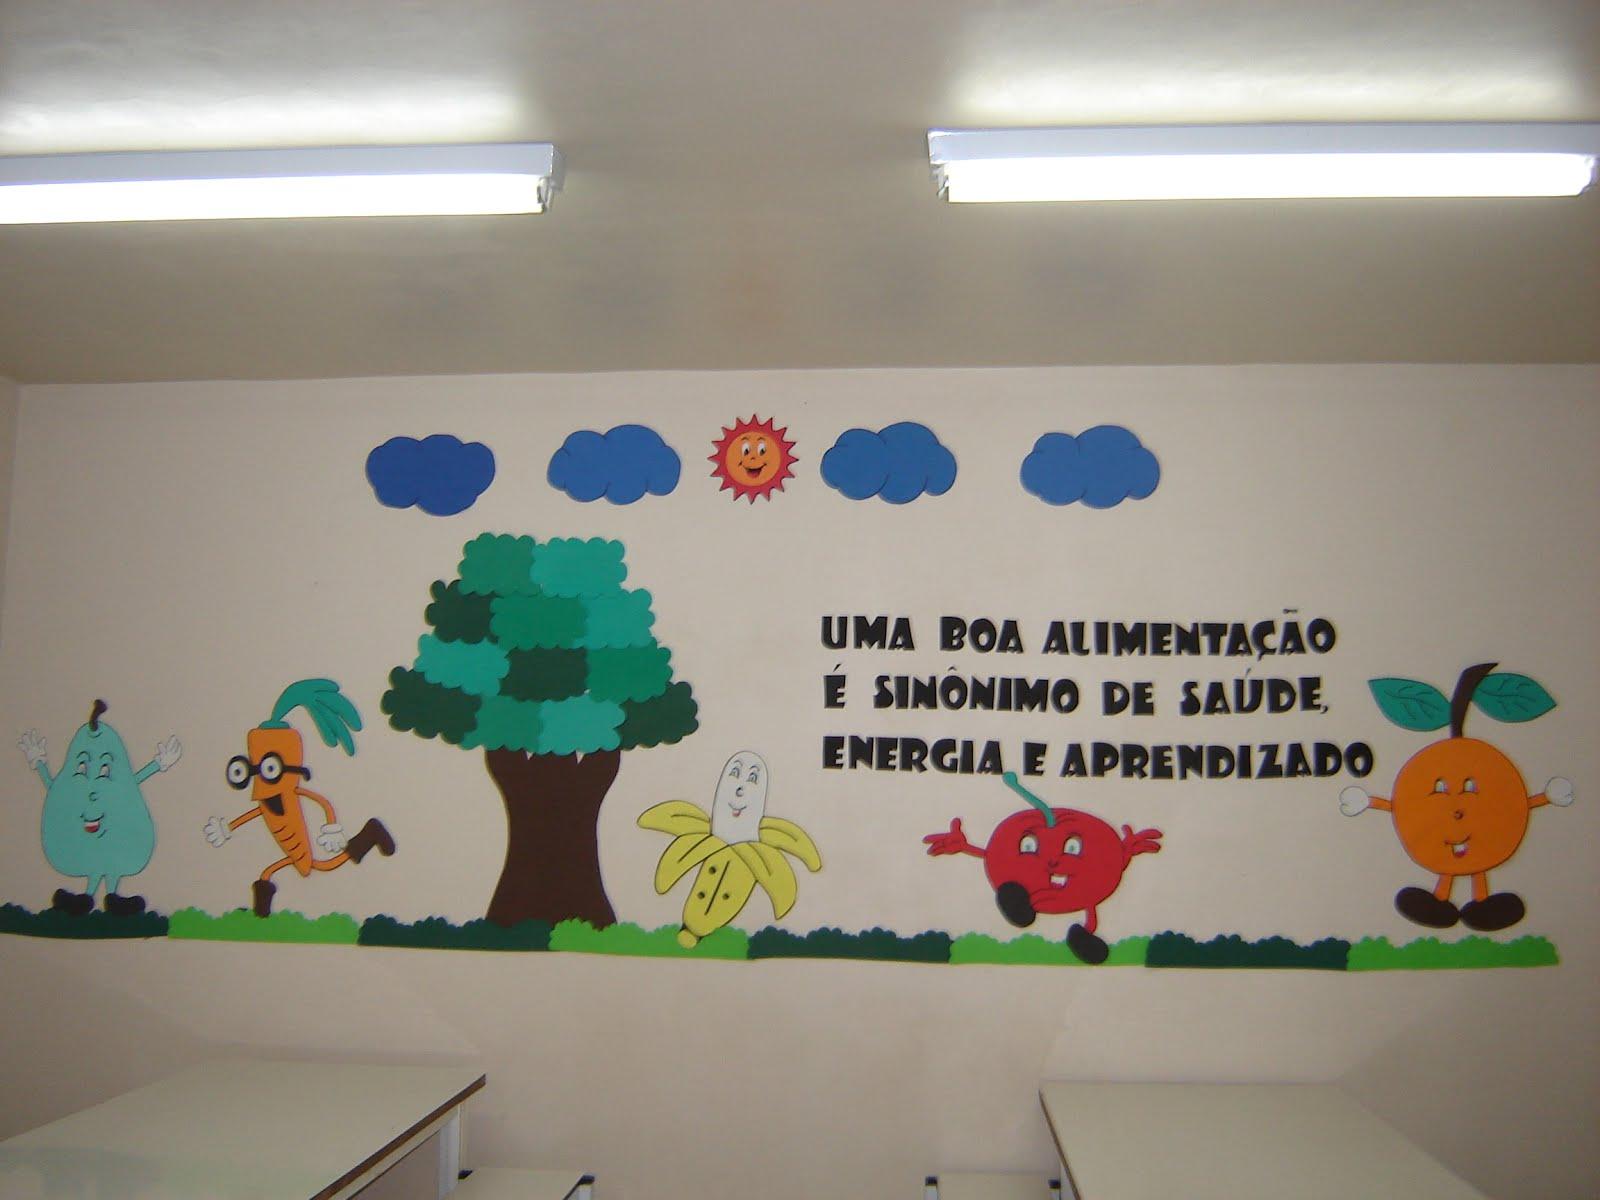 Viva o maternal maio 2013 for Mural sobre o transito